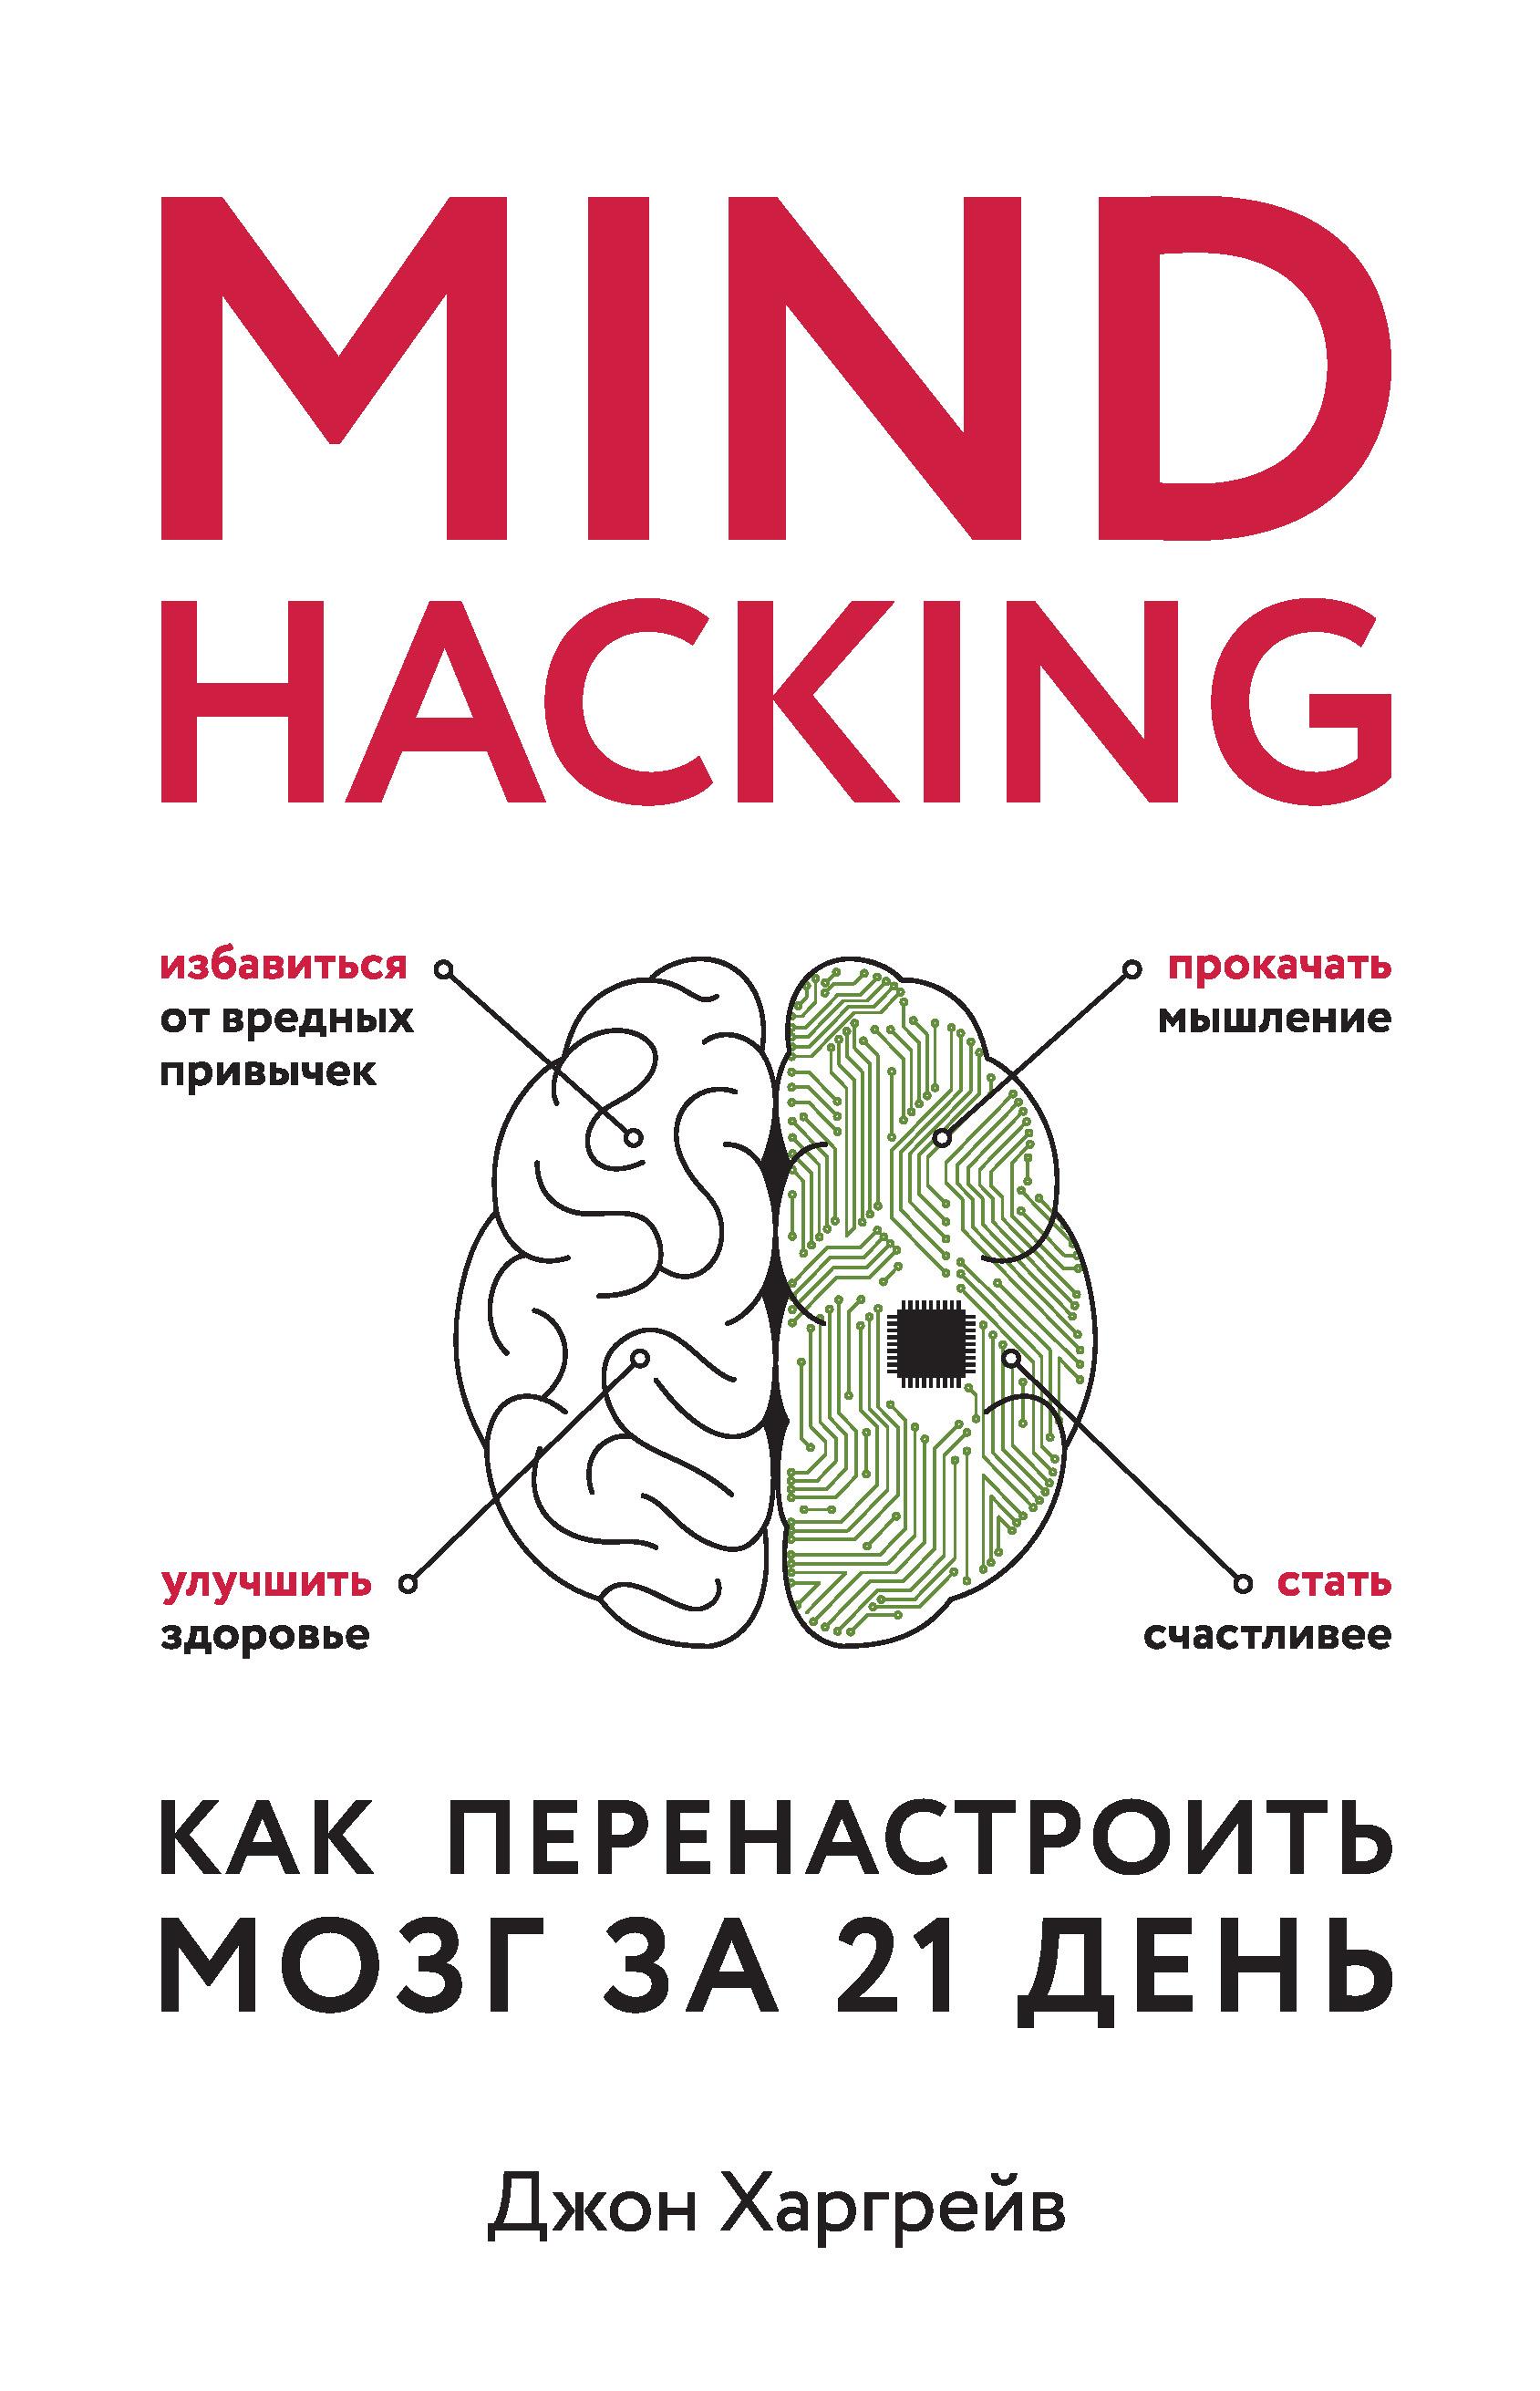 Джон Харгрейв «Mind hacking. Как перенастроить мозг за 21 день»